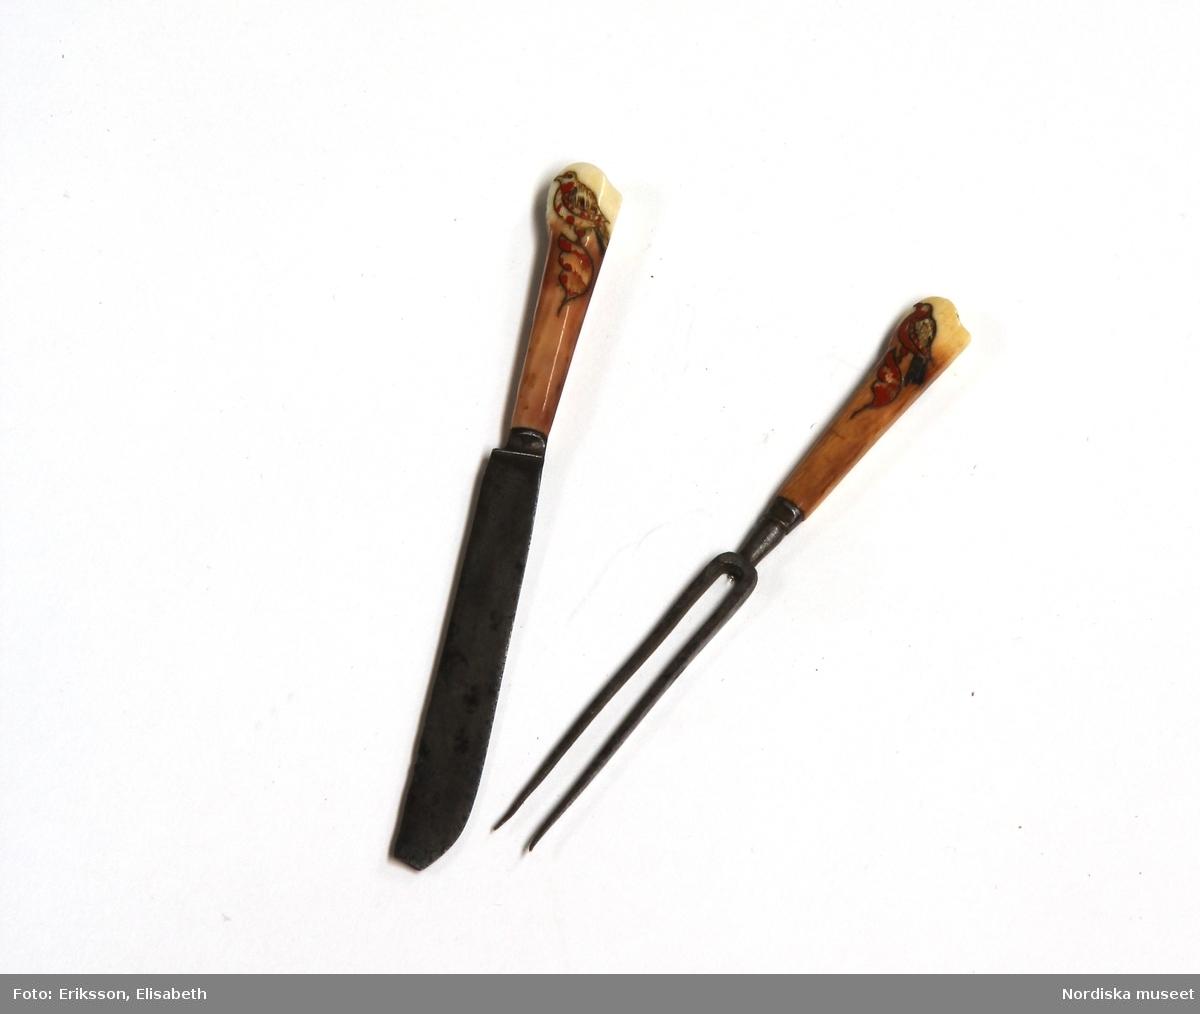 """Huvudliggaren: """"a-r Kvinnodräkt. a. kjol, b. förkläde, c. kappa, d. tröja, e. överdel f.1 - f.4 huvudbonad, (4 delar), g. bälte, h. kjolsäck, i. handskar, j: silkesduk, k. bokkläde, l. psalmbok, m.1- m.2 Bältehängen med silversked och skedpåse, n. nåletui, o.1 kniv, o.2 gaffel, o.3 slida av saffian, p. lit. påse, q. kedjekniv, r. ring.  Ink. 13/7 1903 [från] Eriksson, Erik, herr, Kåsta, Vingåker jämte 95.162 [...]. [Brukningsort:] Södermanland Oppunda hd Vingåker sn.""""  b. Högtidsförkläde längd 96 cm, vådbredd 80 cm. Av grön rask, nedtill kant och skoning av svart kläde, upptill 3 cm bred linning av svart kläde. Nederkanten broderad med en vågrad i kedjesöm med gult silke, ovanför denna en staket-och 6 stjälksömsrader i omväxlande gult och rosa silke samt e rader band av ylle och silke i lila, rött o gult. Linningen broderad med tre rader flätsöm i lila och gult. På sidor om linningen 6 cm fria ändar. Knytband av mönstrat bomullsband.  f: 1-4 Huvudbonad """"Huckel"""" f:1 Sydd stomme av halmflätor med stödande träpinne i kullen. f:2 Fyrkantigt tygstycke av bomullslärft, svept kring stommen. f:3 Mössa av rött kläde broderat med gult, brunt och grönt silke i tambursöm. f:4 Kvadratiskt kläde av vit bomullslärft, vikt i tresnibb, stärkt och goffrerat  g. Bälte, längd 69 cm utan spänne, bredd 7,5 cm. Av styvt skinn överklätt med rött ylletyg och besatt med 14 kupiga silverbucklor med punsad dekor, kraftigt spänne av samma typ med hake och ögla. På spännet flera stämplar bl.a 3 kronor, I P samt C. /Berit Eldvik 2007-02-20"""